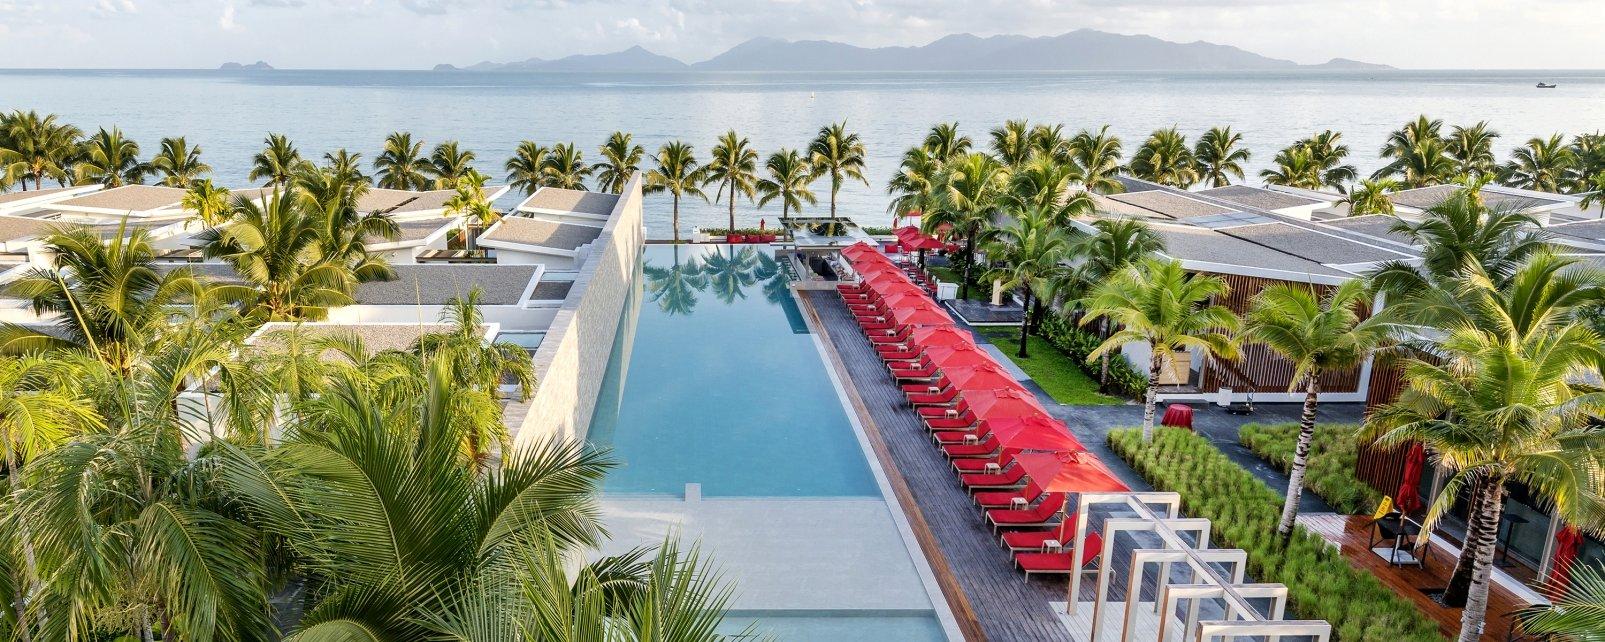 Sensimar Resort and Spa Koh Samui